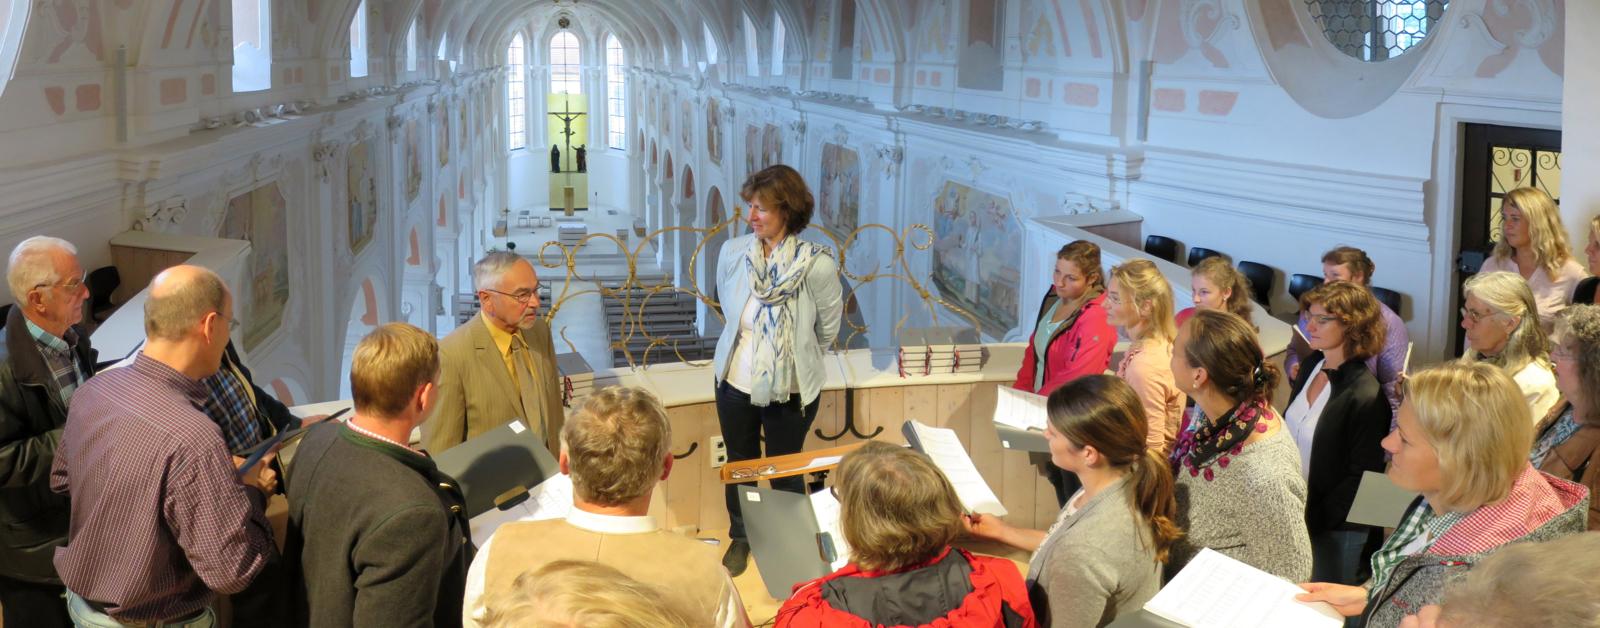 Kirchenchor-Ausflug 2016: Der Kirchenchor in der Kloster- und Pfarrkirche Johannes der Täufer, Rebdorf